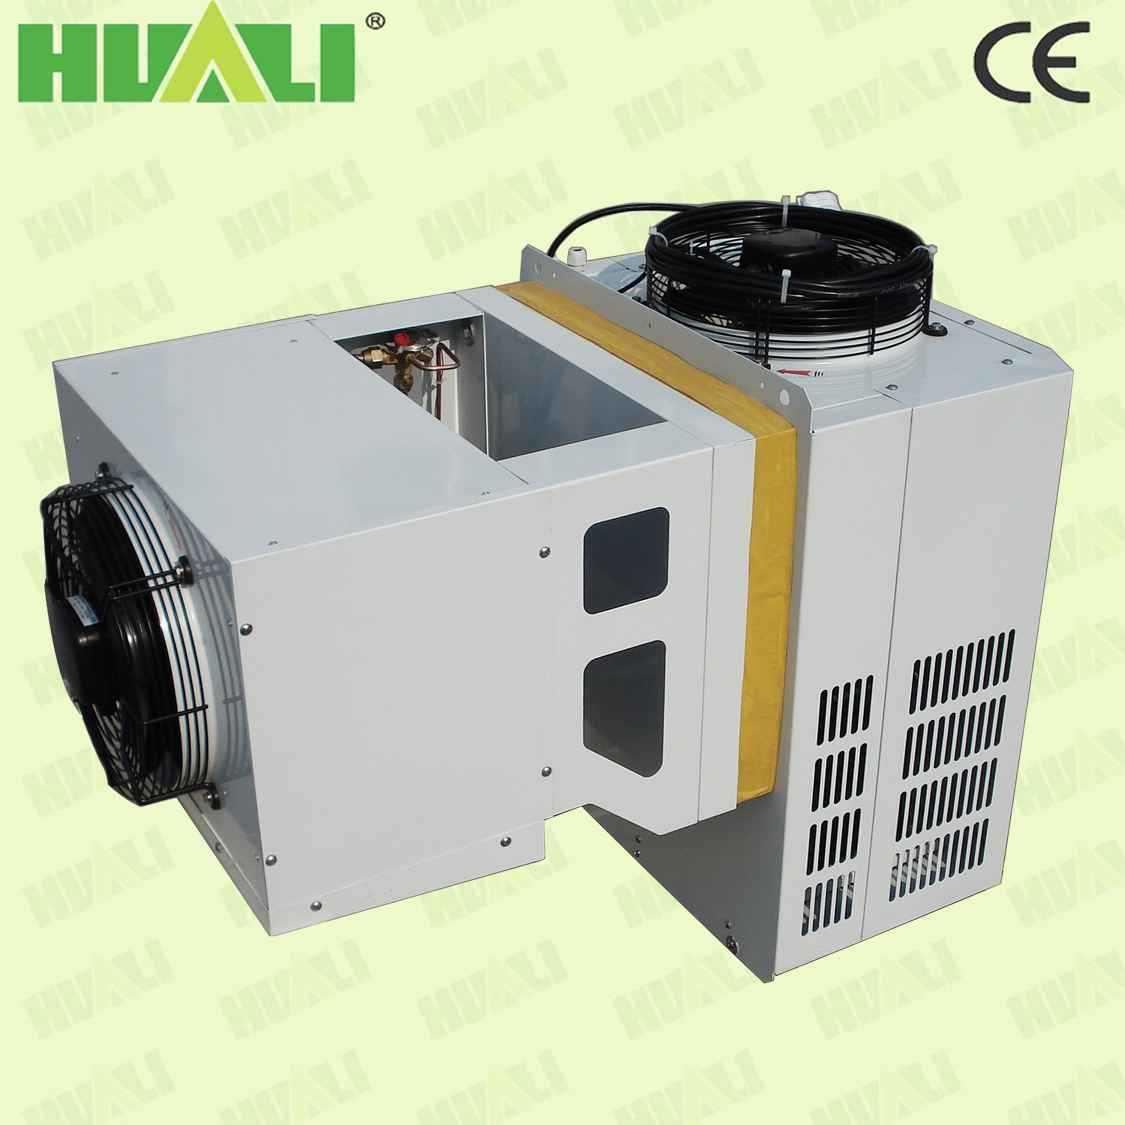 整体式库用冷冻机,深圳市金华利制冷设备有限公司